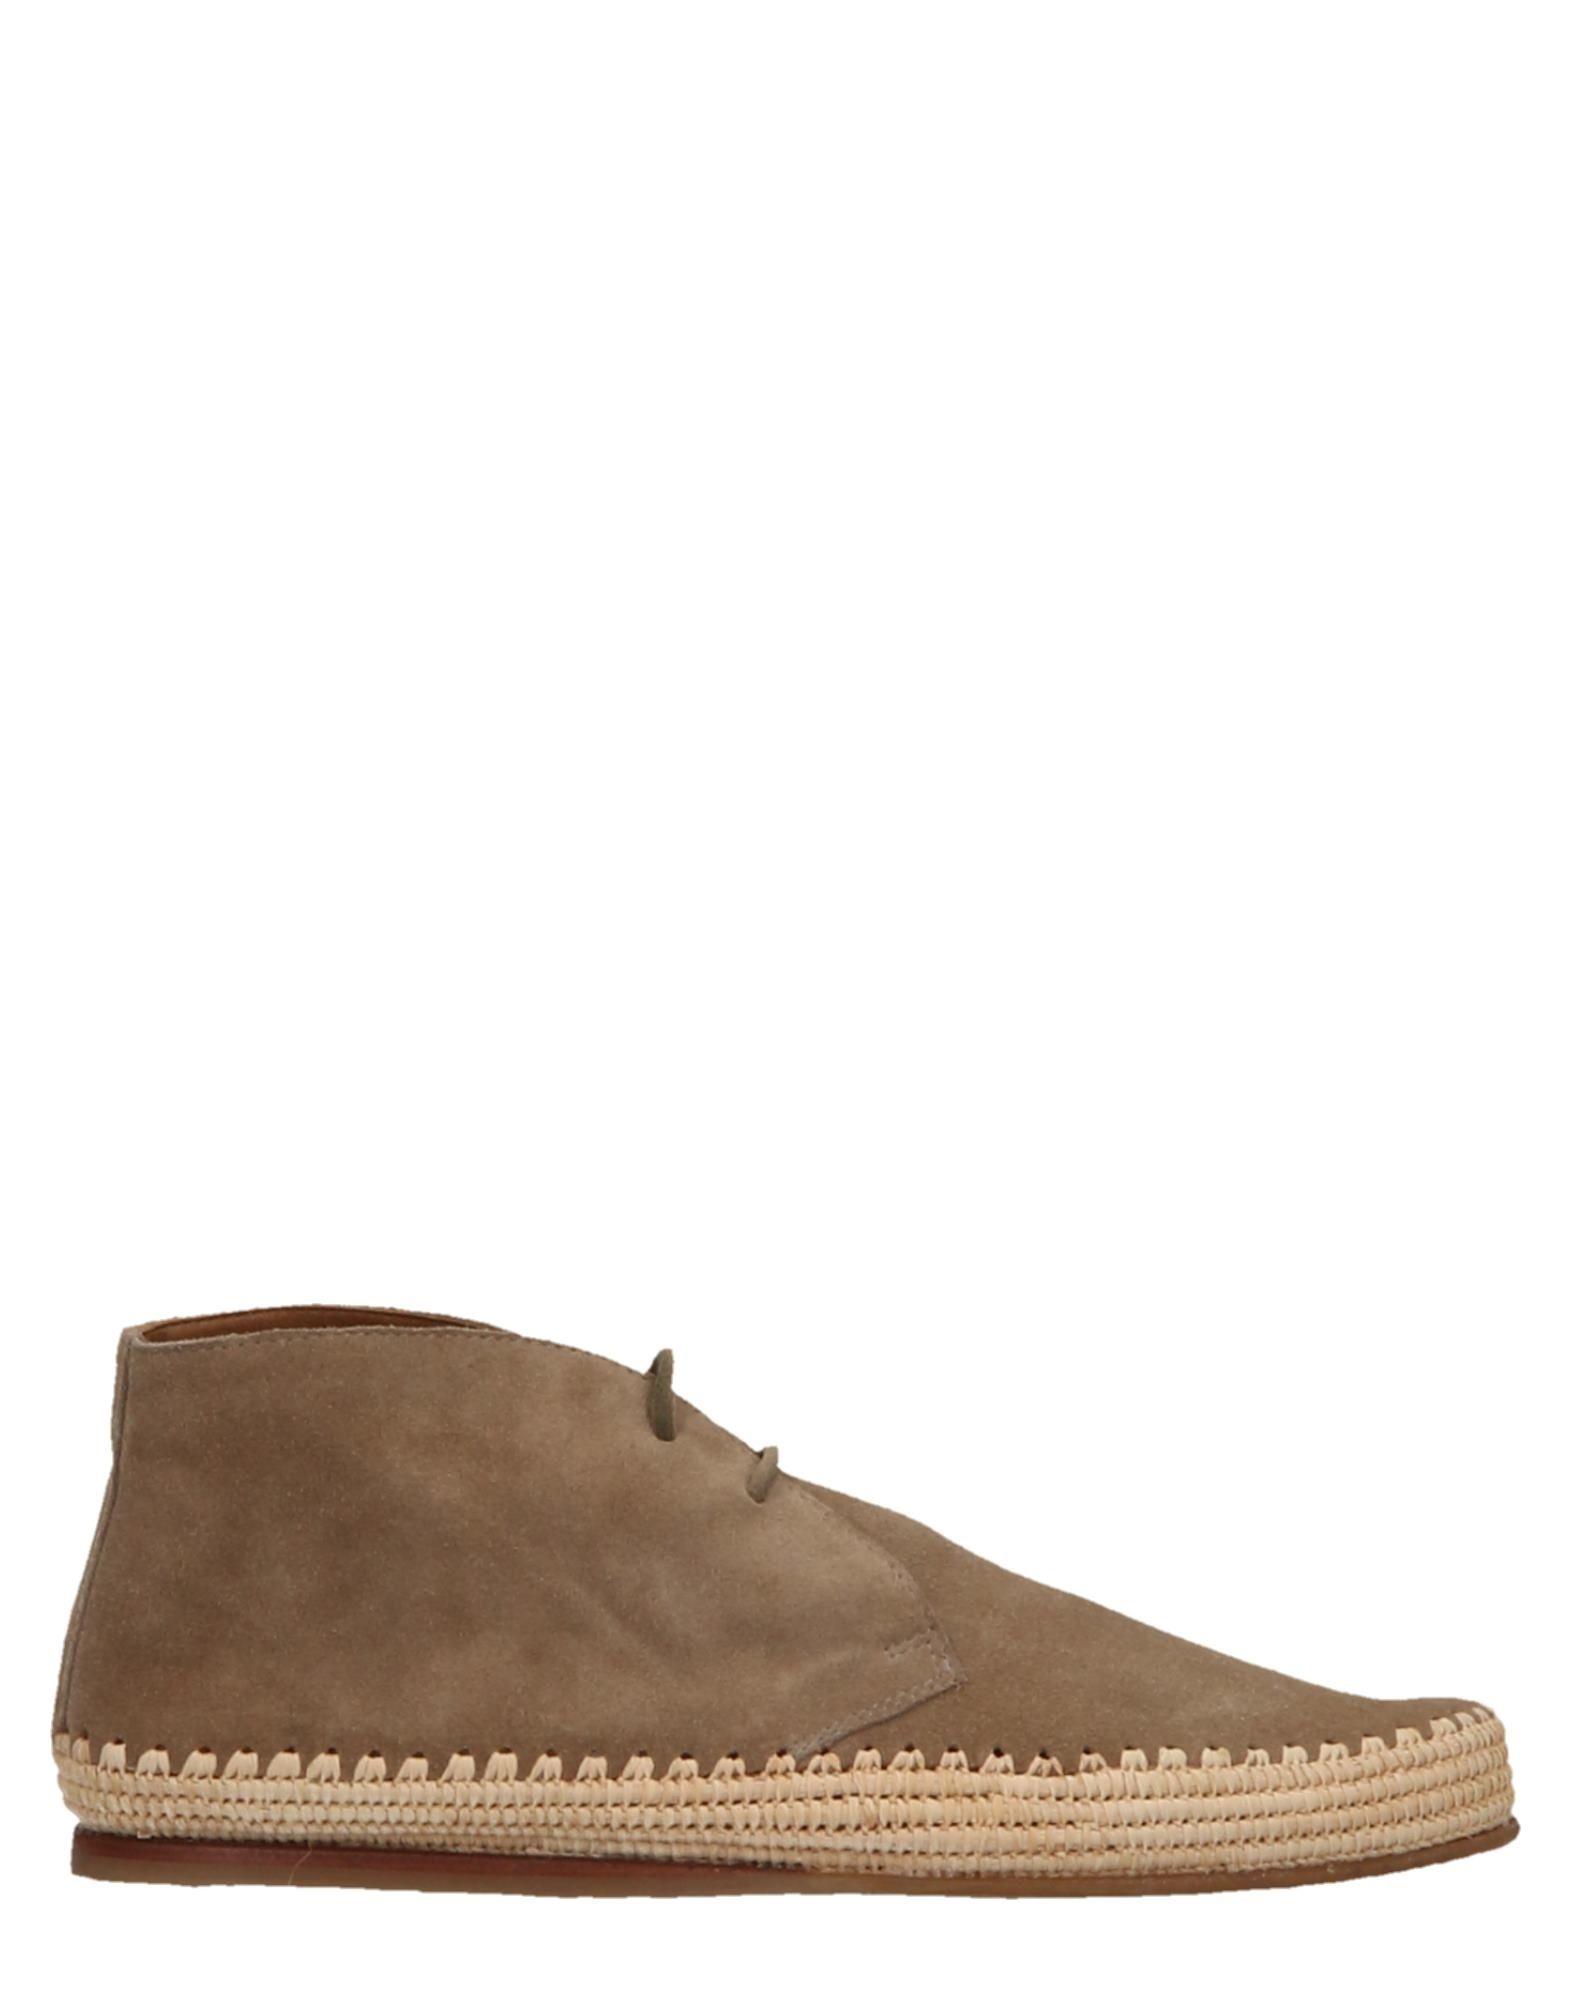 Casablanca 1942 Stiefelette Herren  11519402GW Gute Qualität beliebte Schuhe